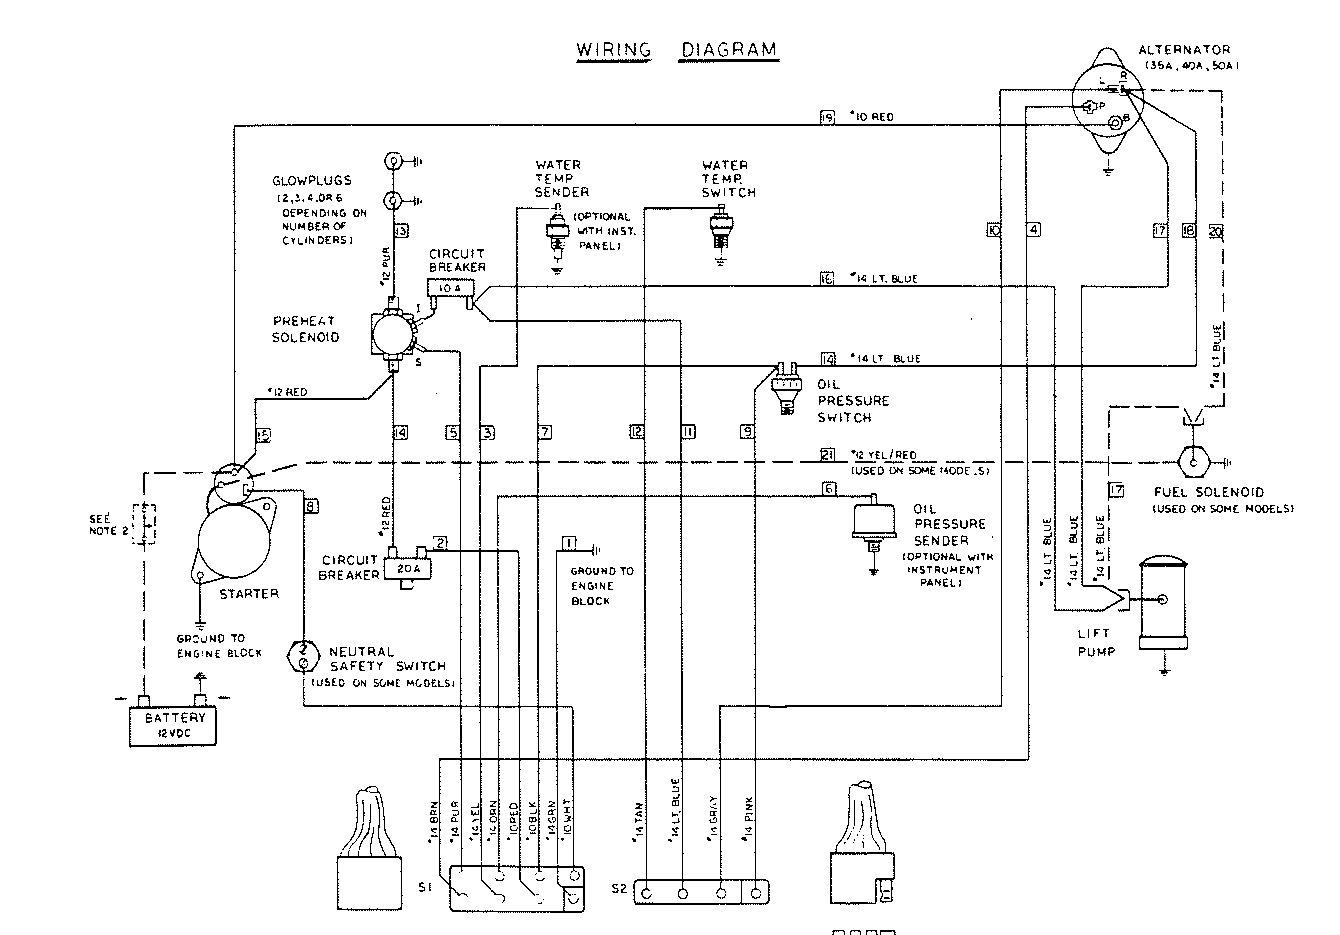 westerbeke wiring diagrams wiring diagrams favorites  westerbeke wiring diagrams #10